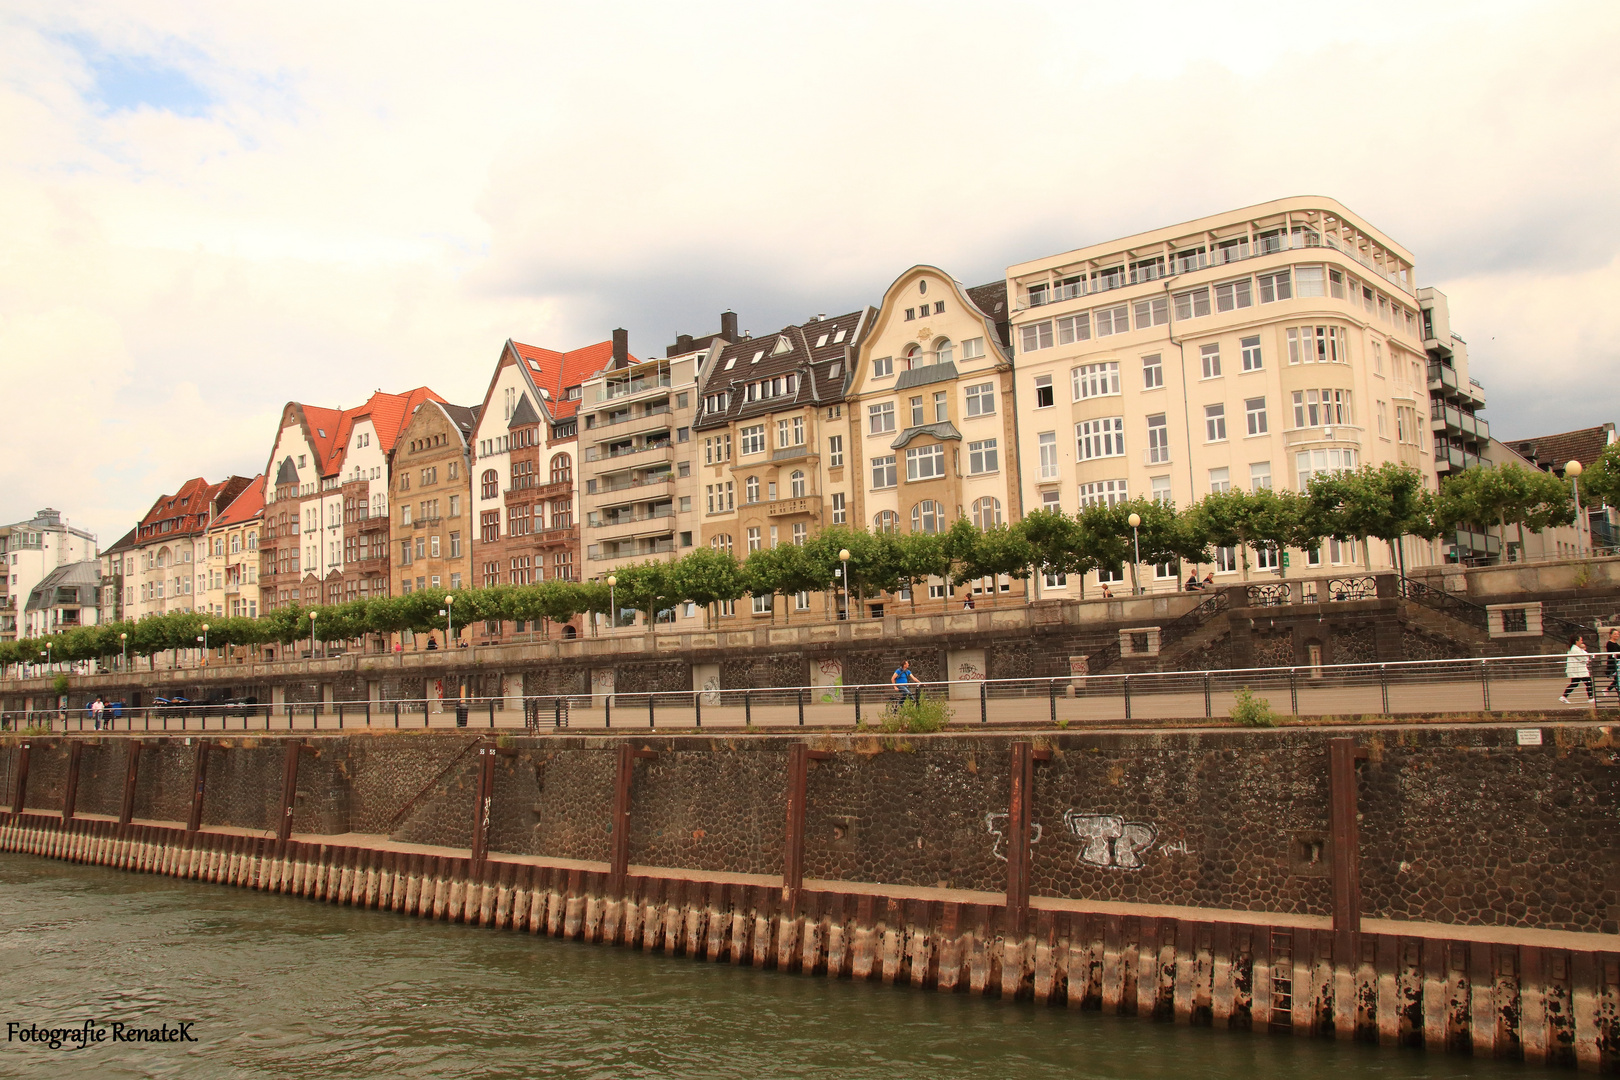 Die Rheinpromenade in Düsseldorf vom Schiff aus gesehen